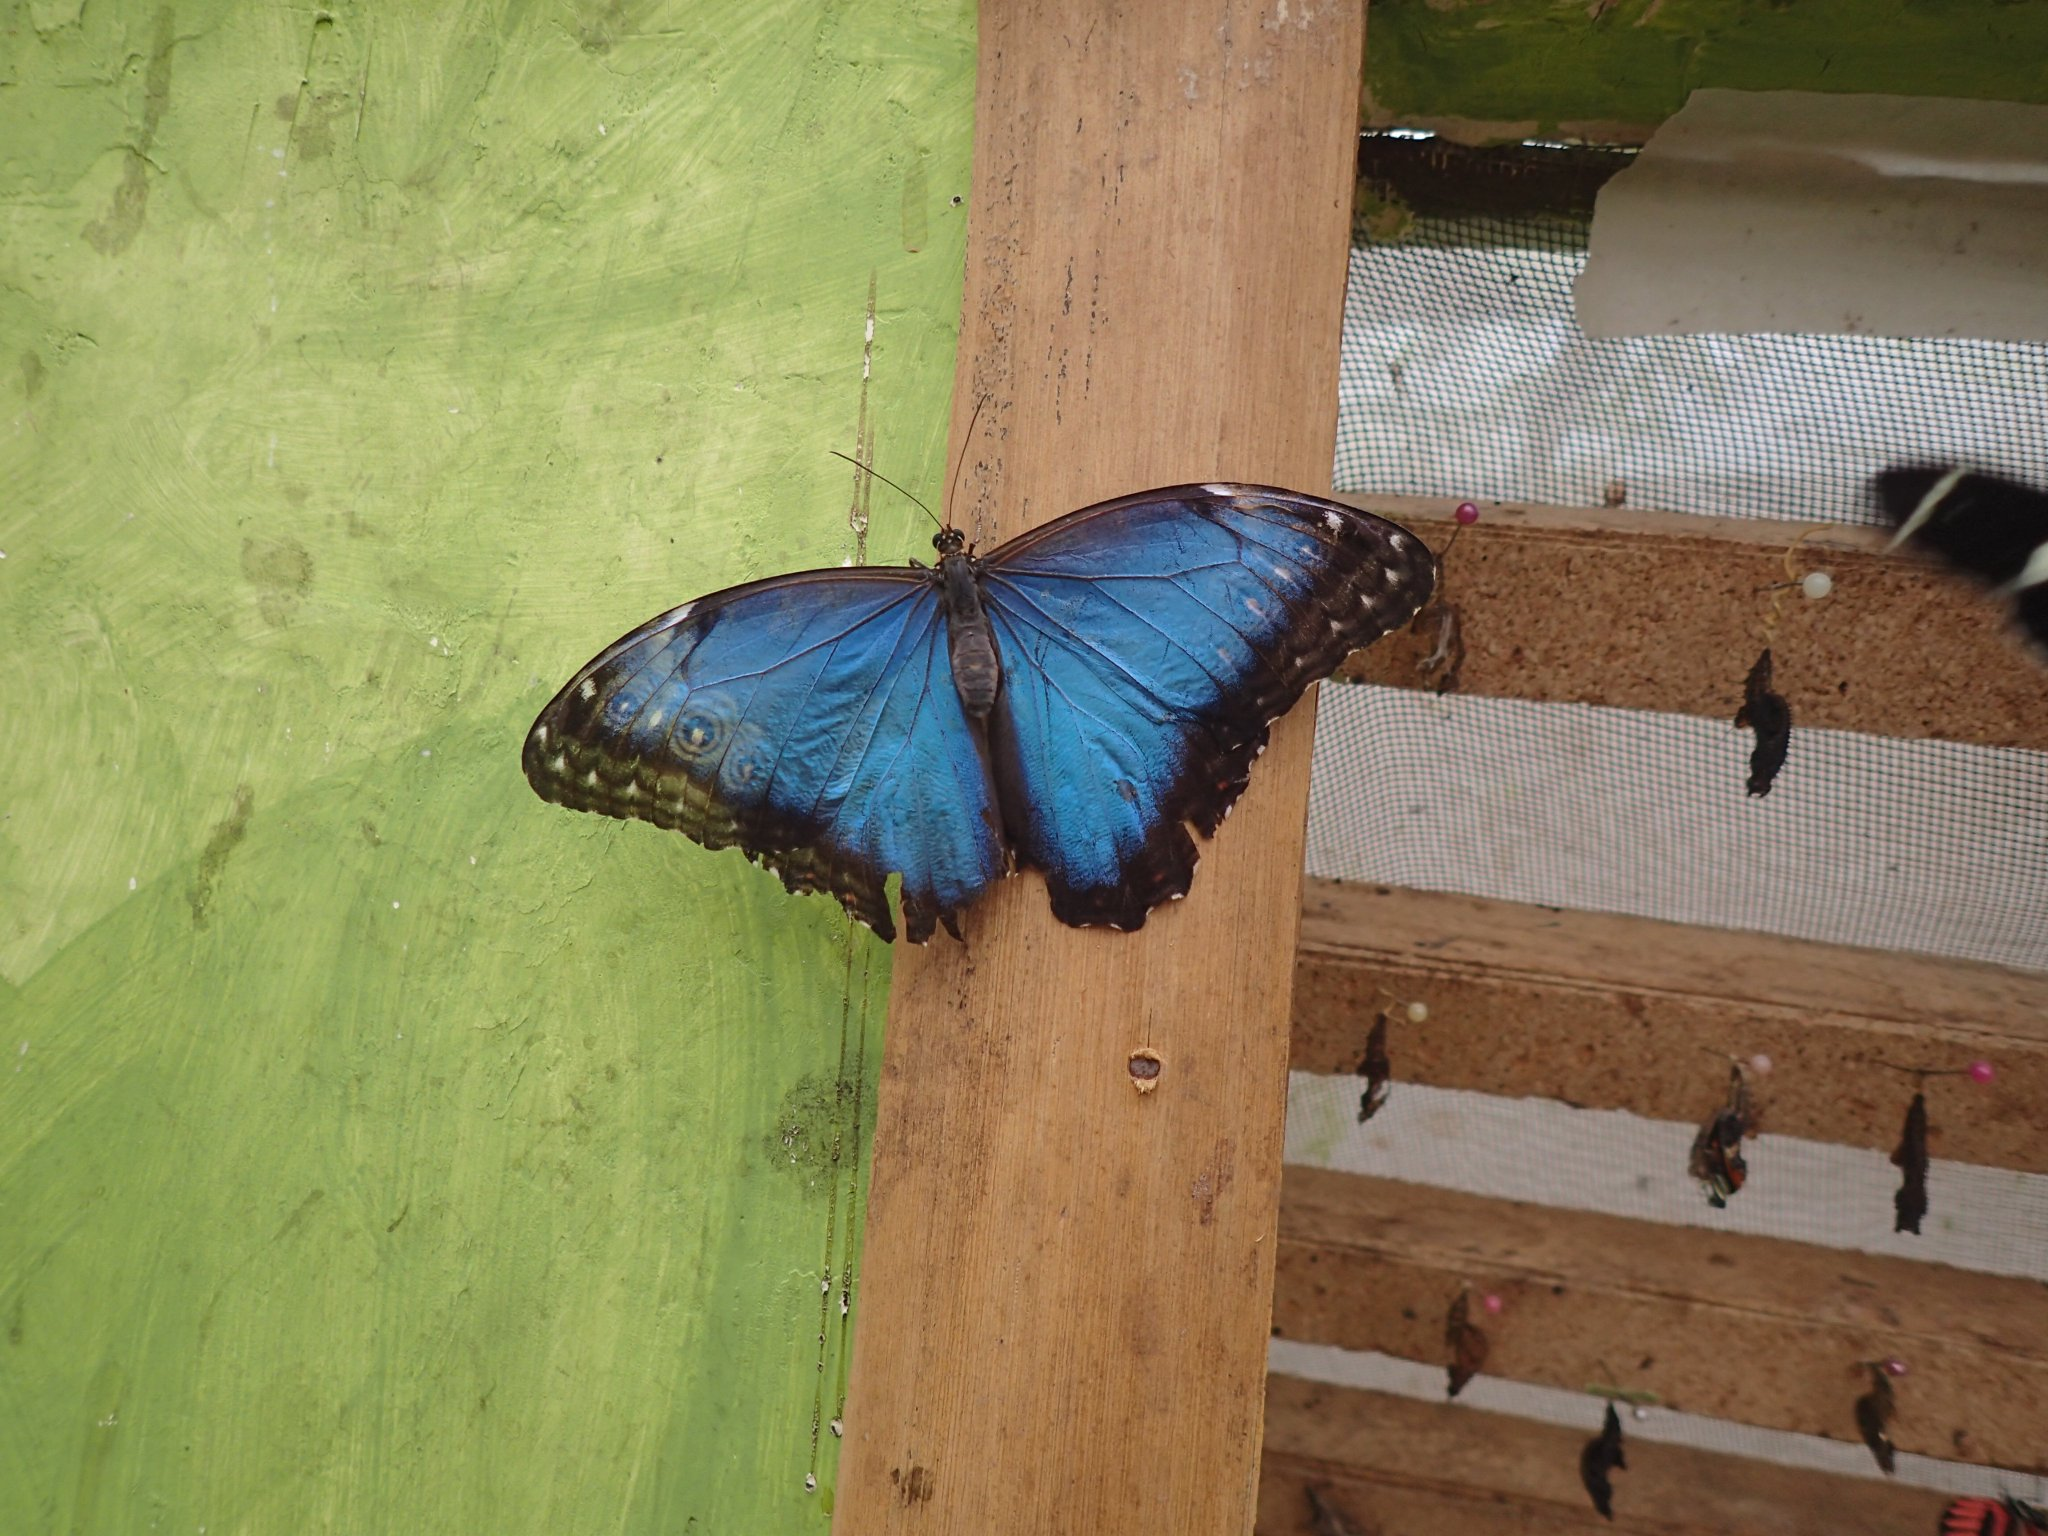 Not as iridescent as the hummingbird, but still. BLUE. https://t.co/uSI3383XWP